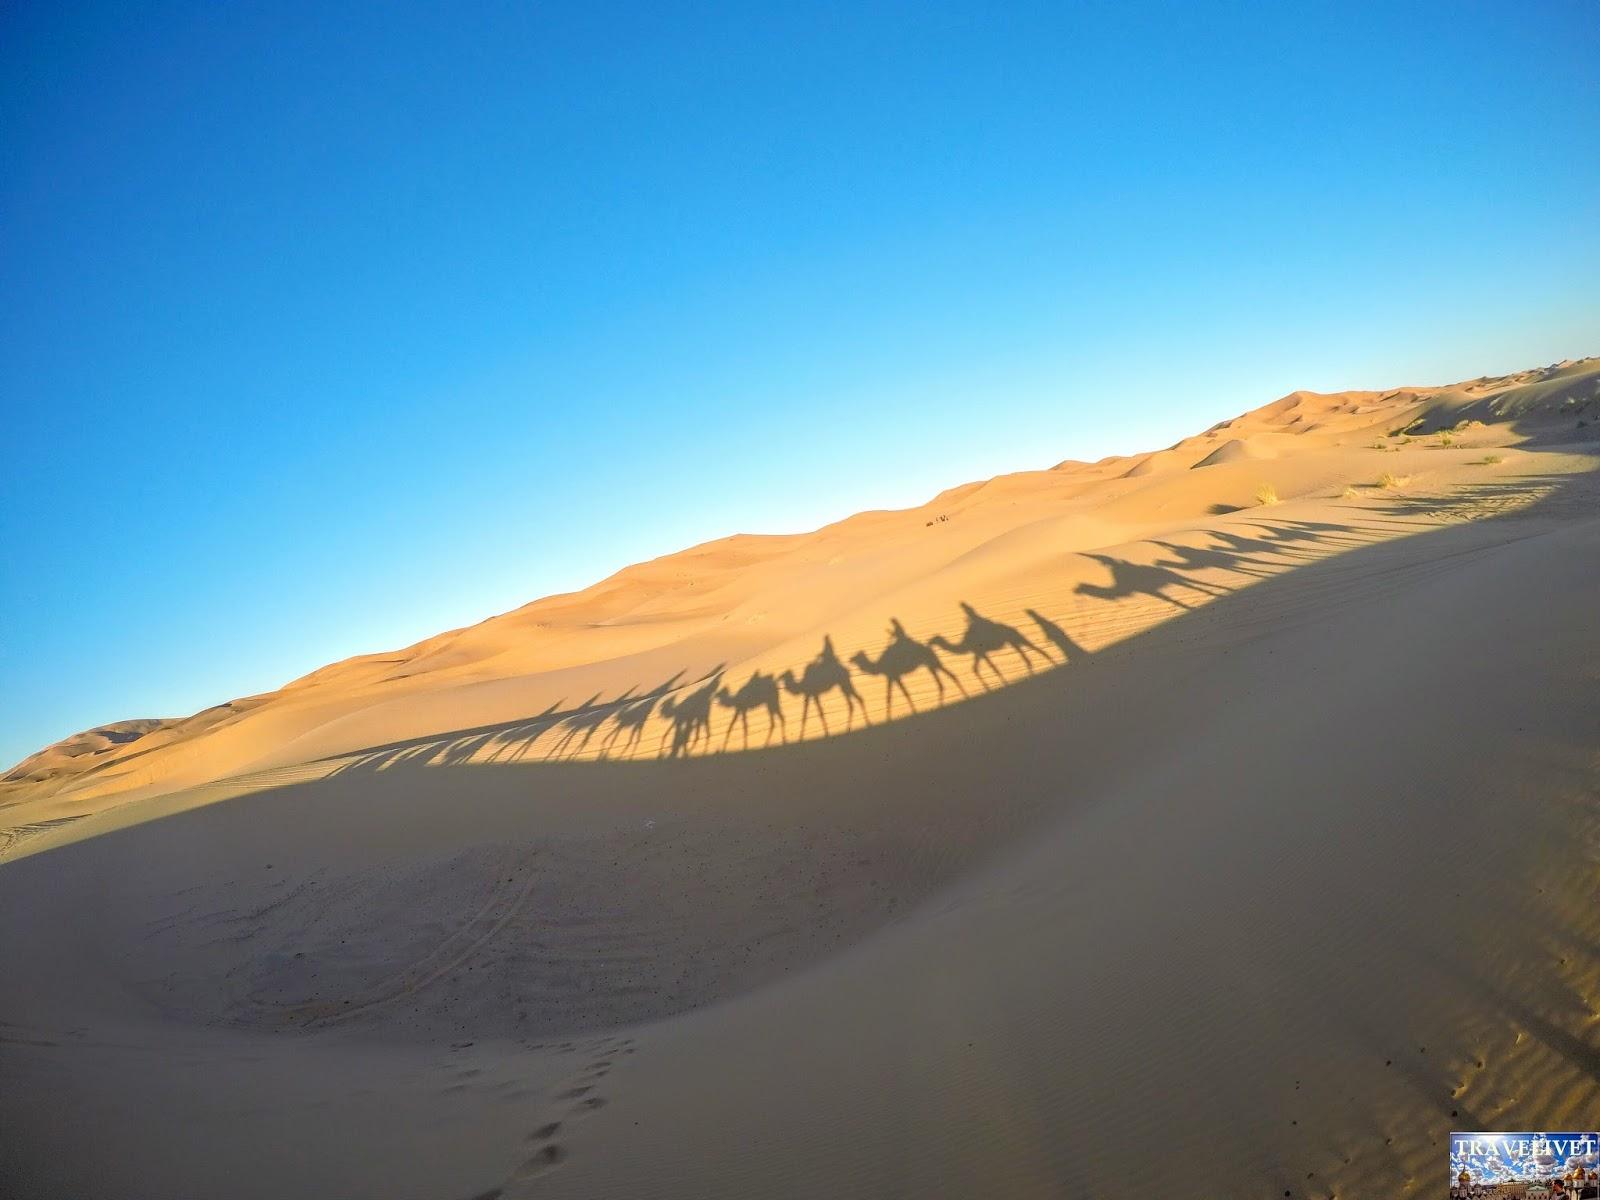 Maroc Merzouga Désert Sahara